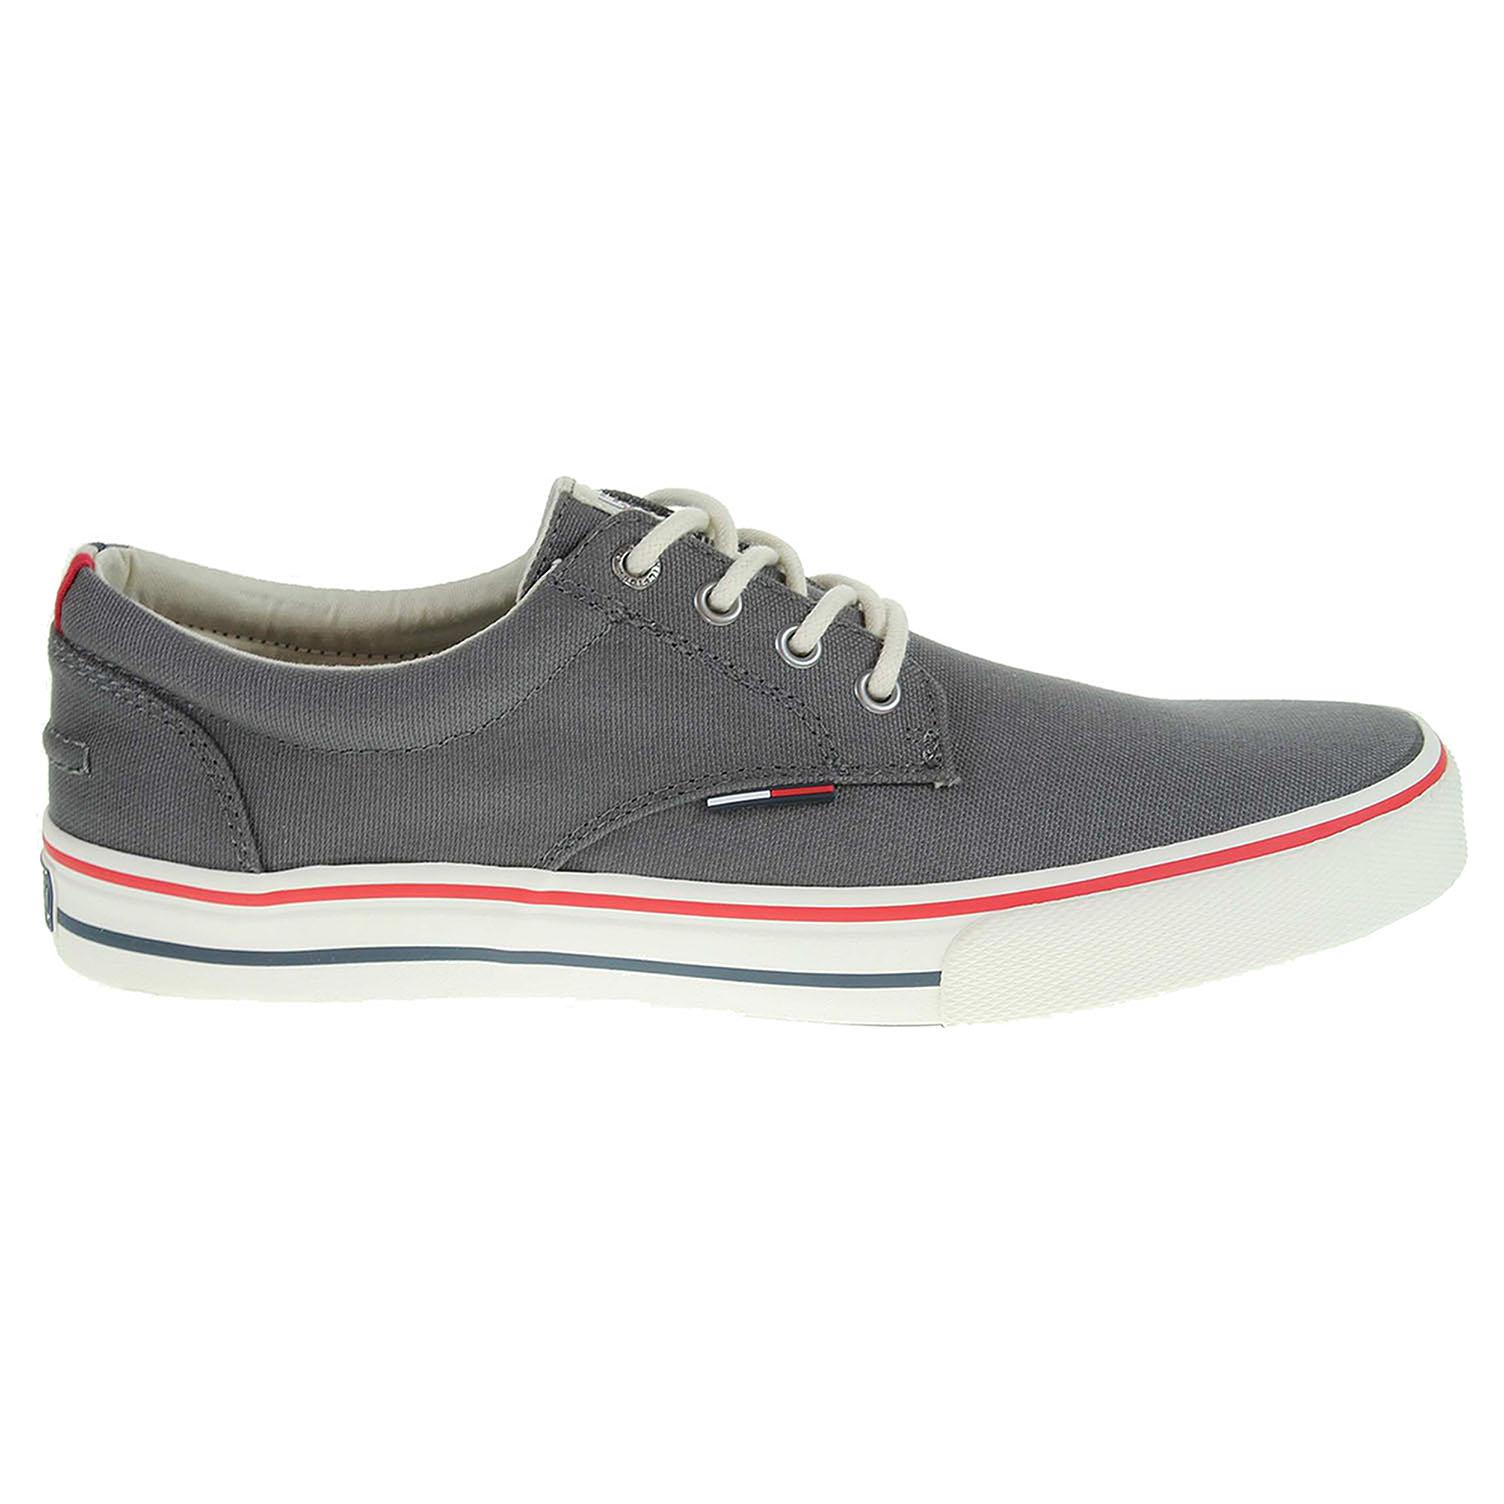 214a232d74 detail Tommy Hilfiger pánská obuv FM0FM00300 v2385ic 1d šedé